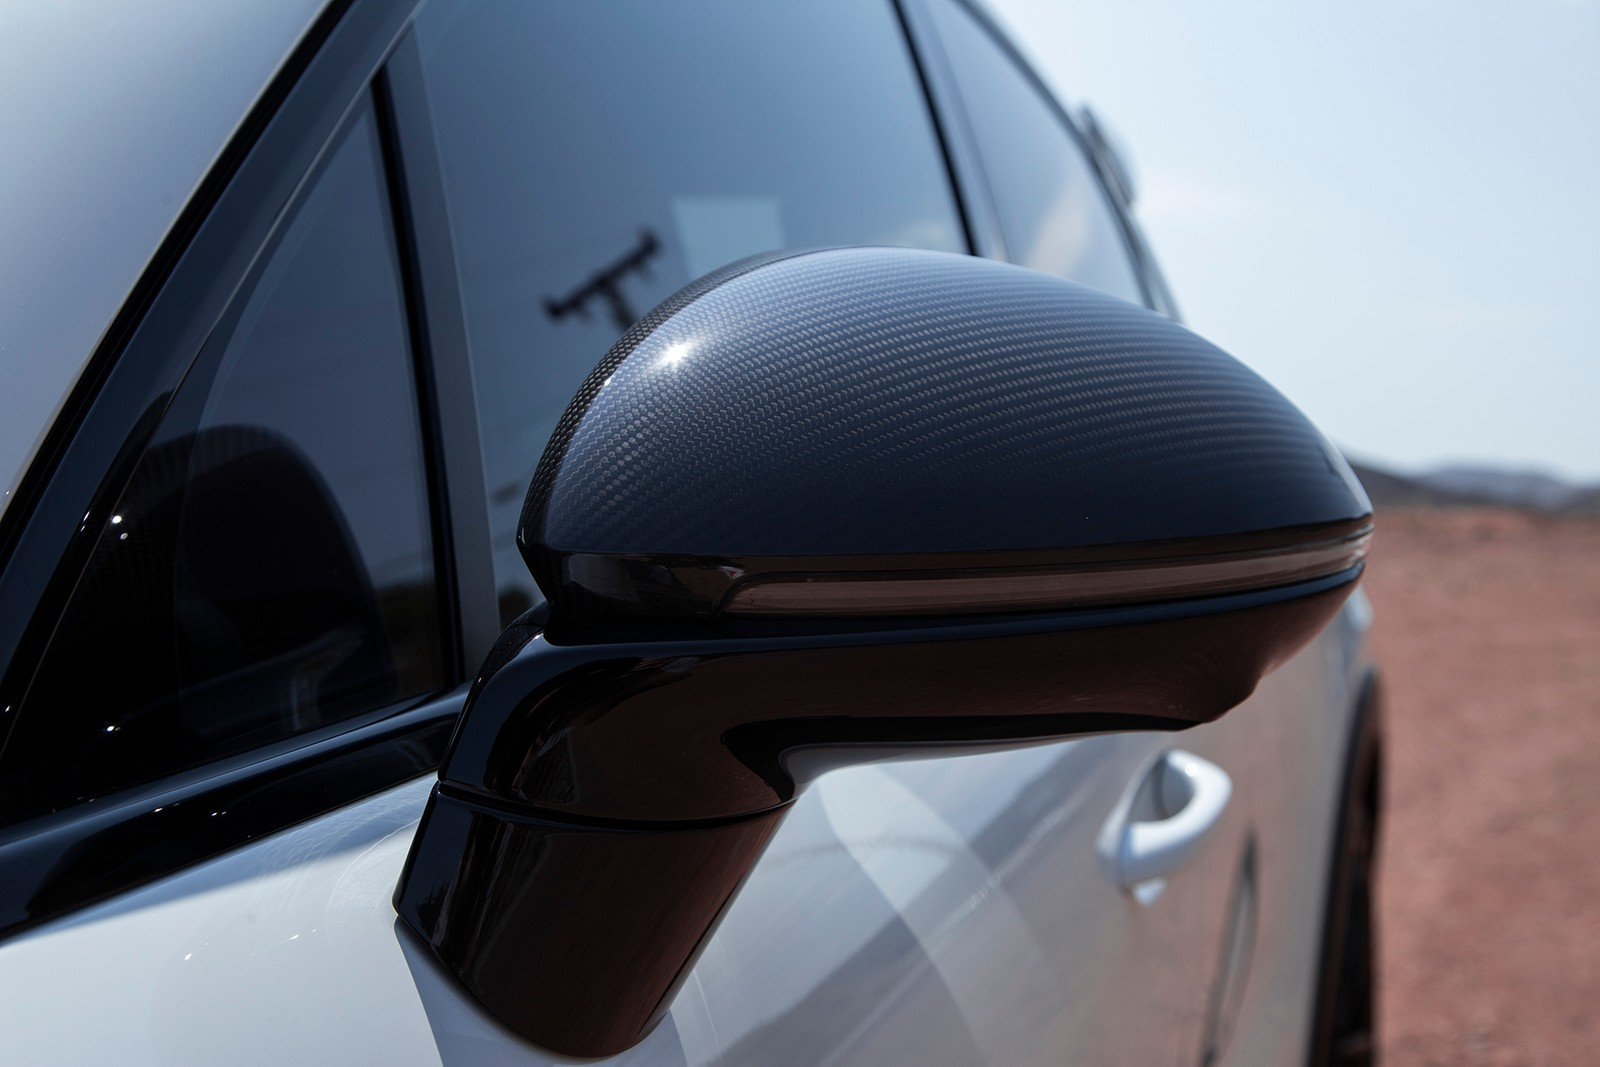 Porsche Cayenne Turbo GT Early Look and Review Super SUV Lamborghini Lambo Urus Audi RSQ8 BMW X5 X6 M